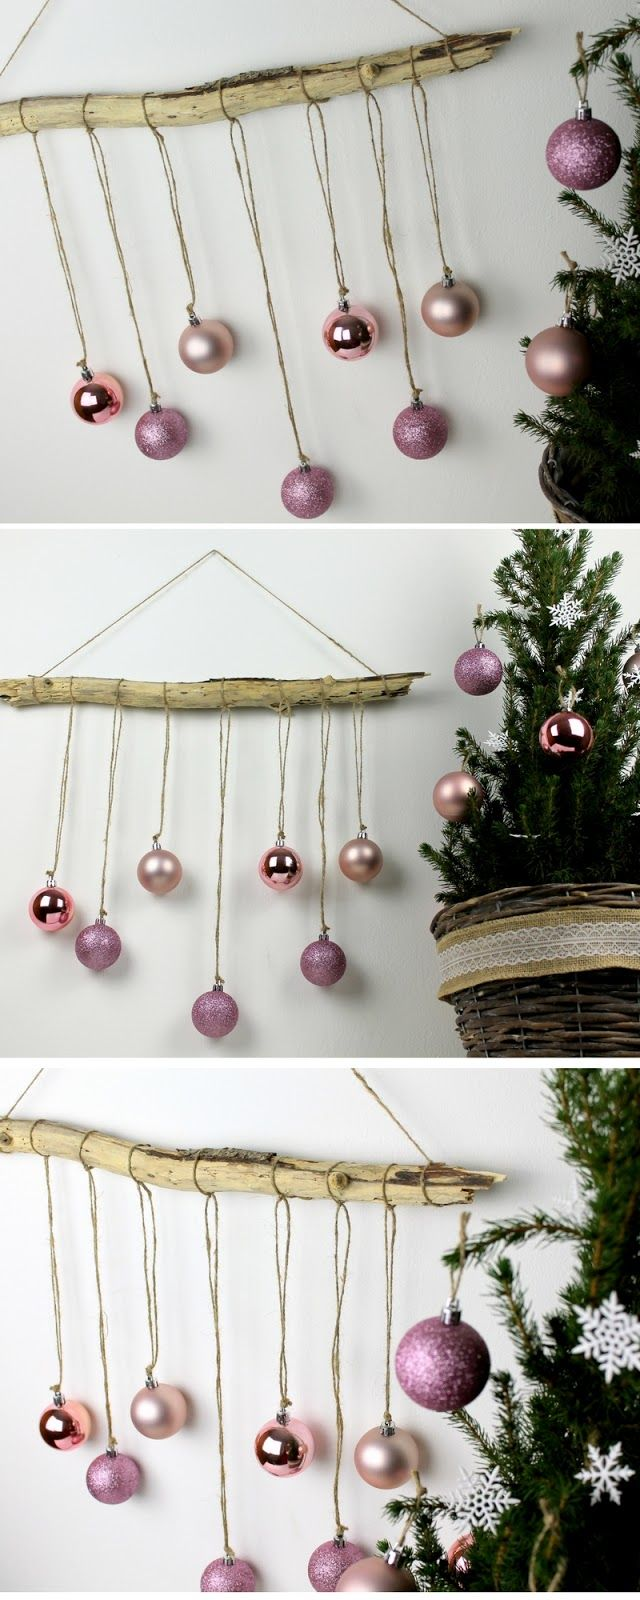 Deko Weihnachten Selber Machen Inspirierend ☆ Diy Ausgefallene Weihnachtliche Wanddekoration Aus